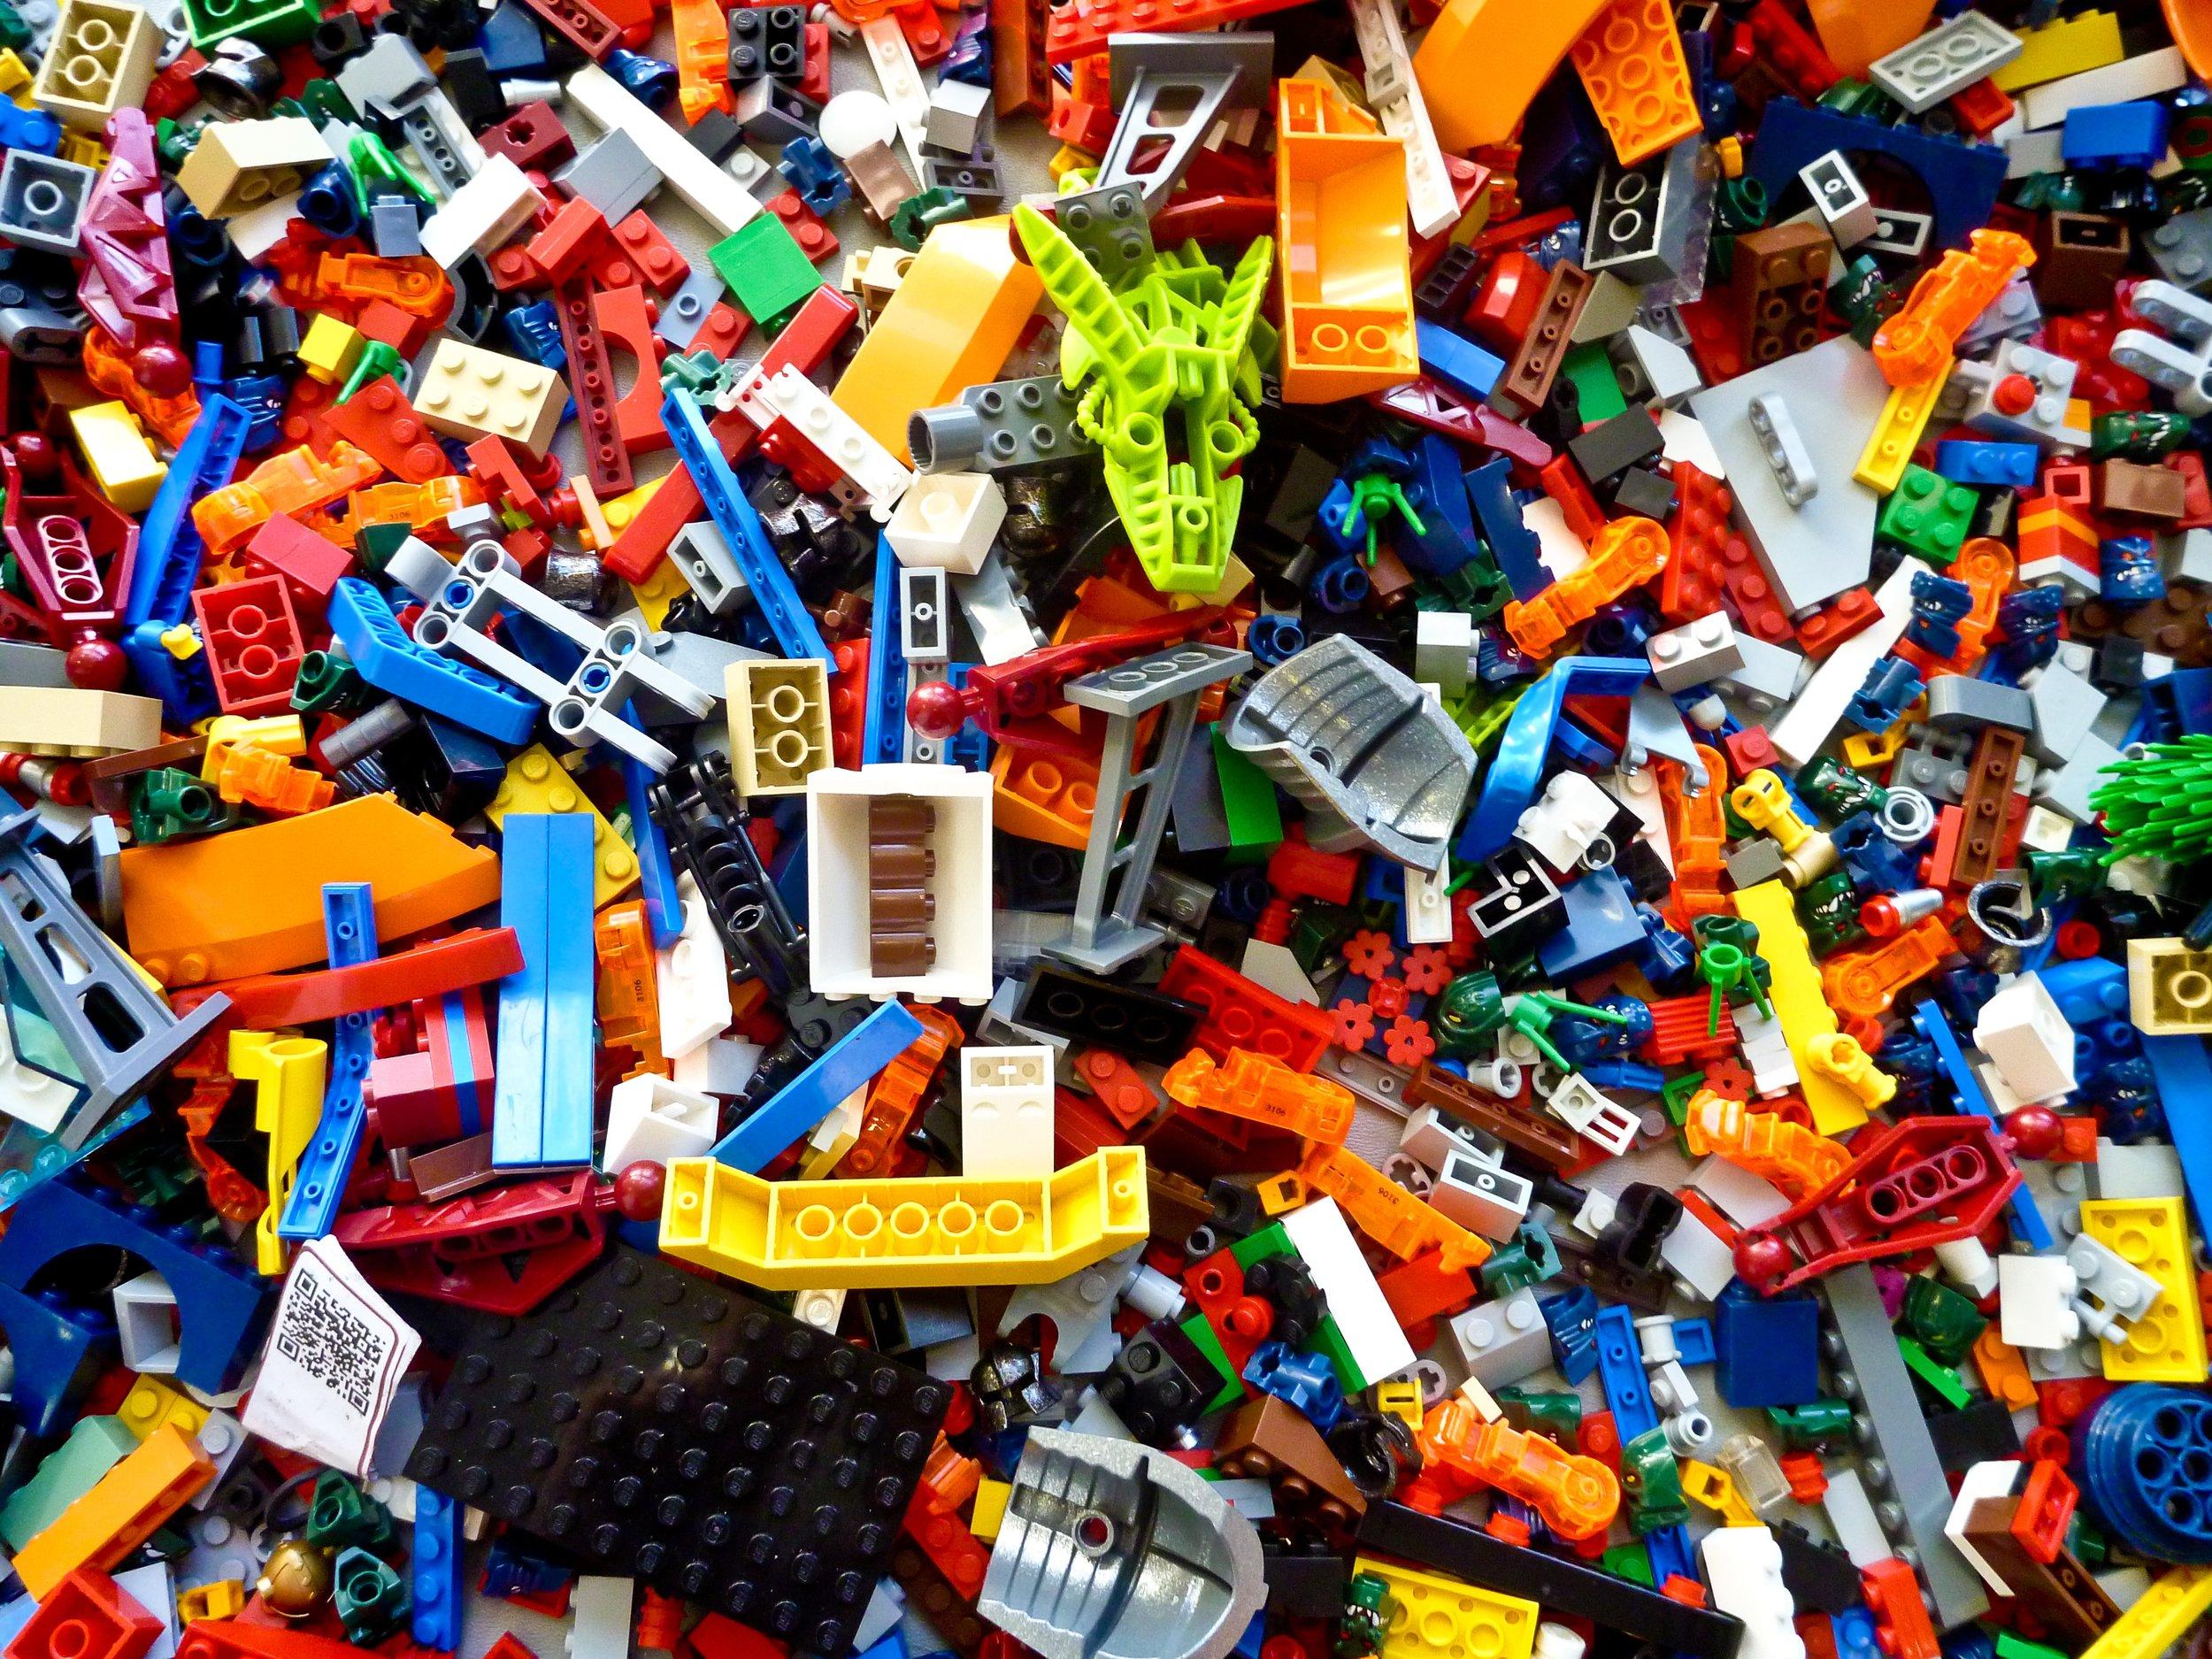 Eräs äiti kertoi lajitelleensa legot värien mukaan vapaapäivänään. Minä en voi sanoa, että meillä legot olisivat edes laatikossa, ainakaan samassa laatikossa. Koska tiedän monta minulle tärkeämpää asiaa vapaapäivänä.